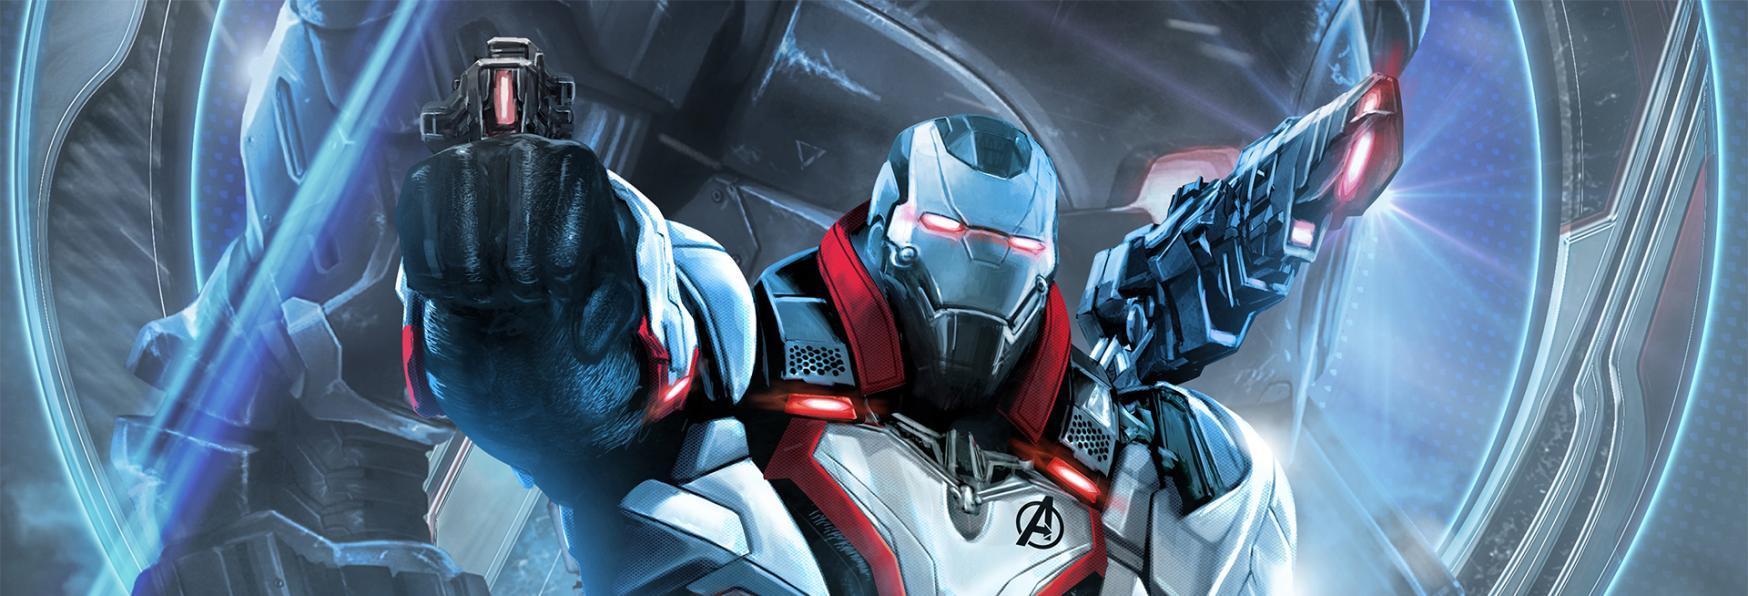 Armor Wars: nemmeno Don Cheadle sa cosa succederà nella Serie TV dei Marvel Studios